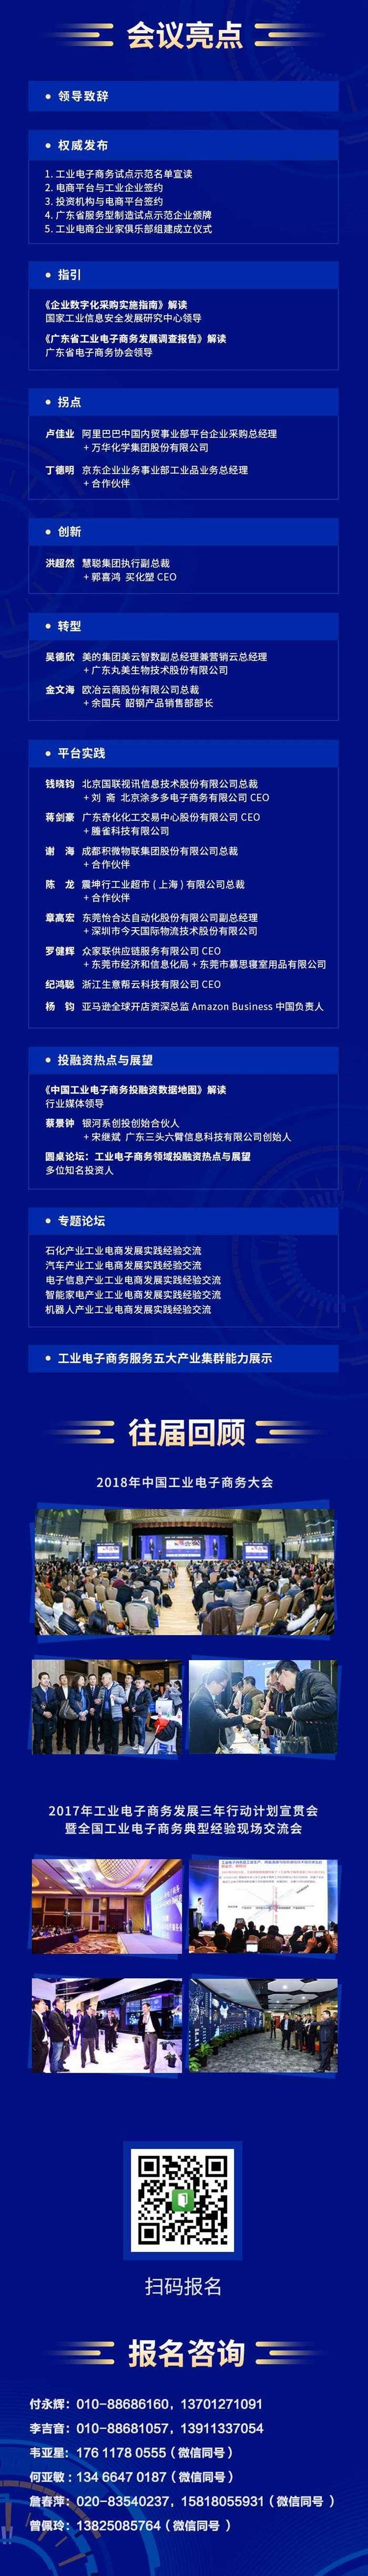 工业电商大会2.jpg